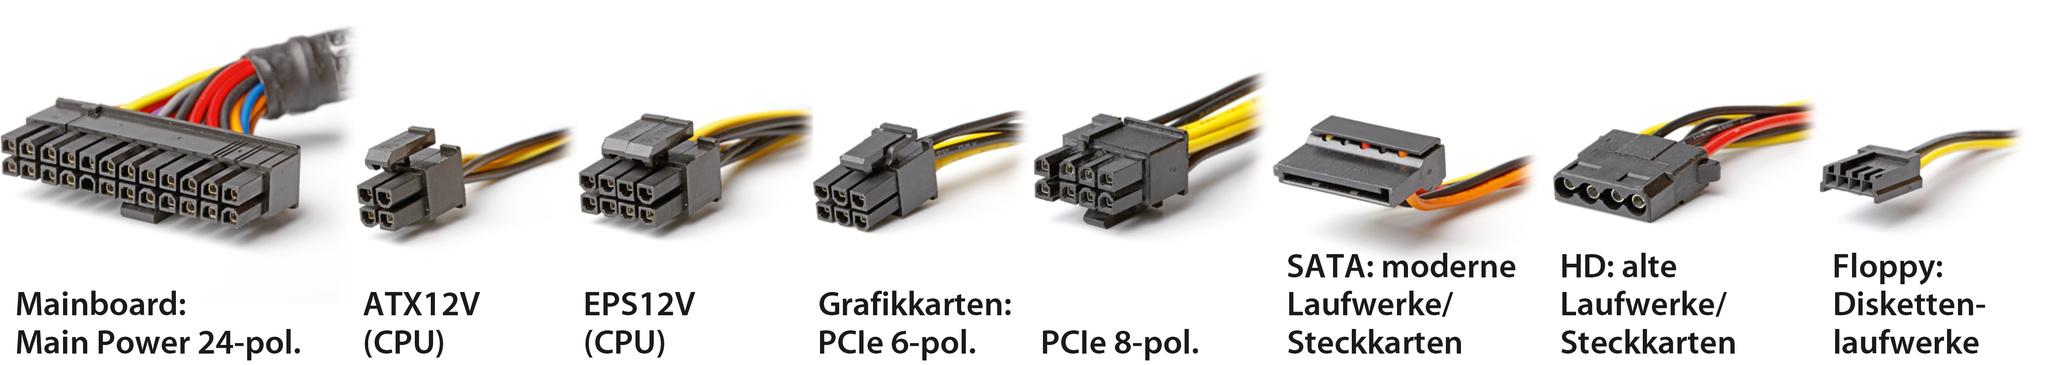 Stromanschlüsse ATX-Netzteil .jpg